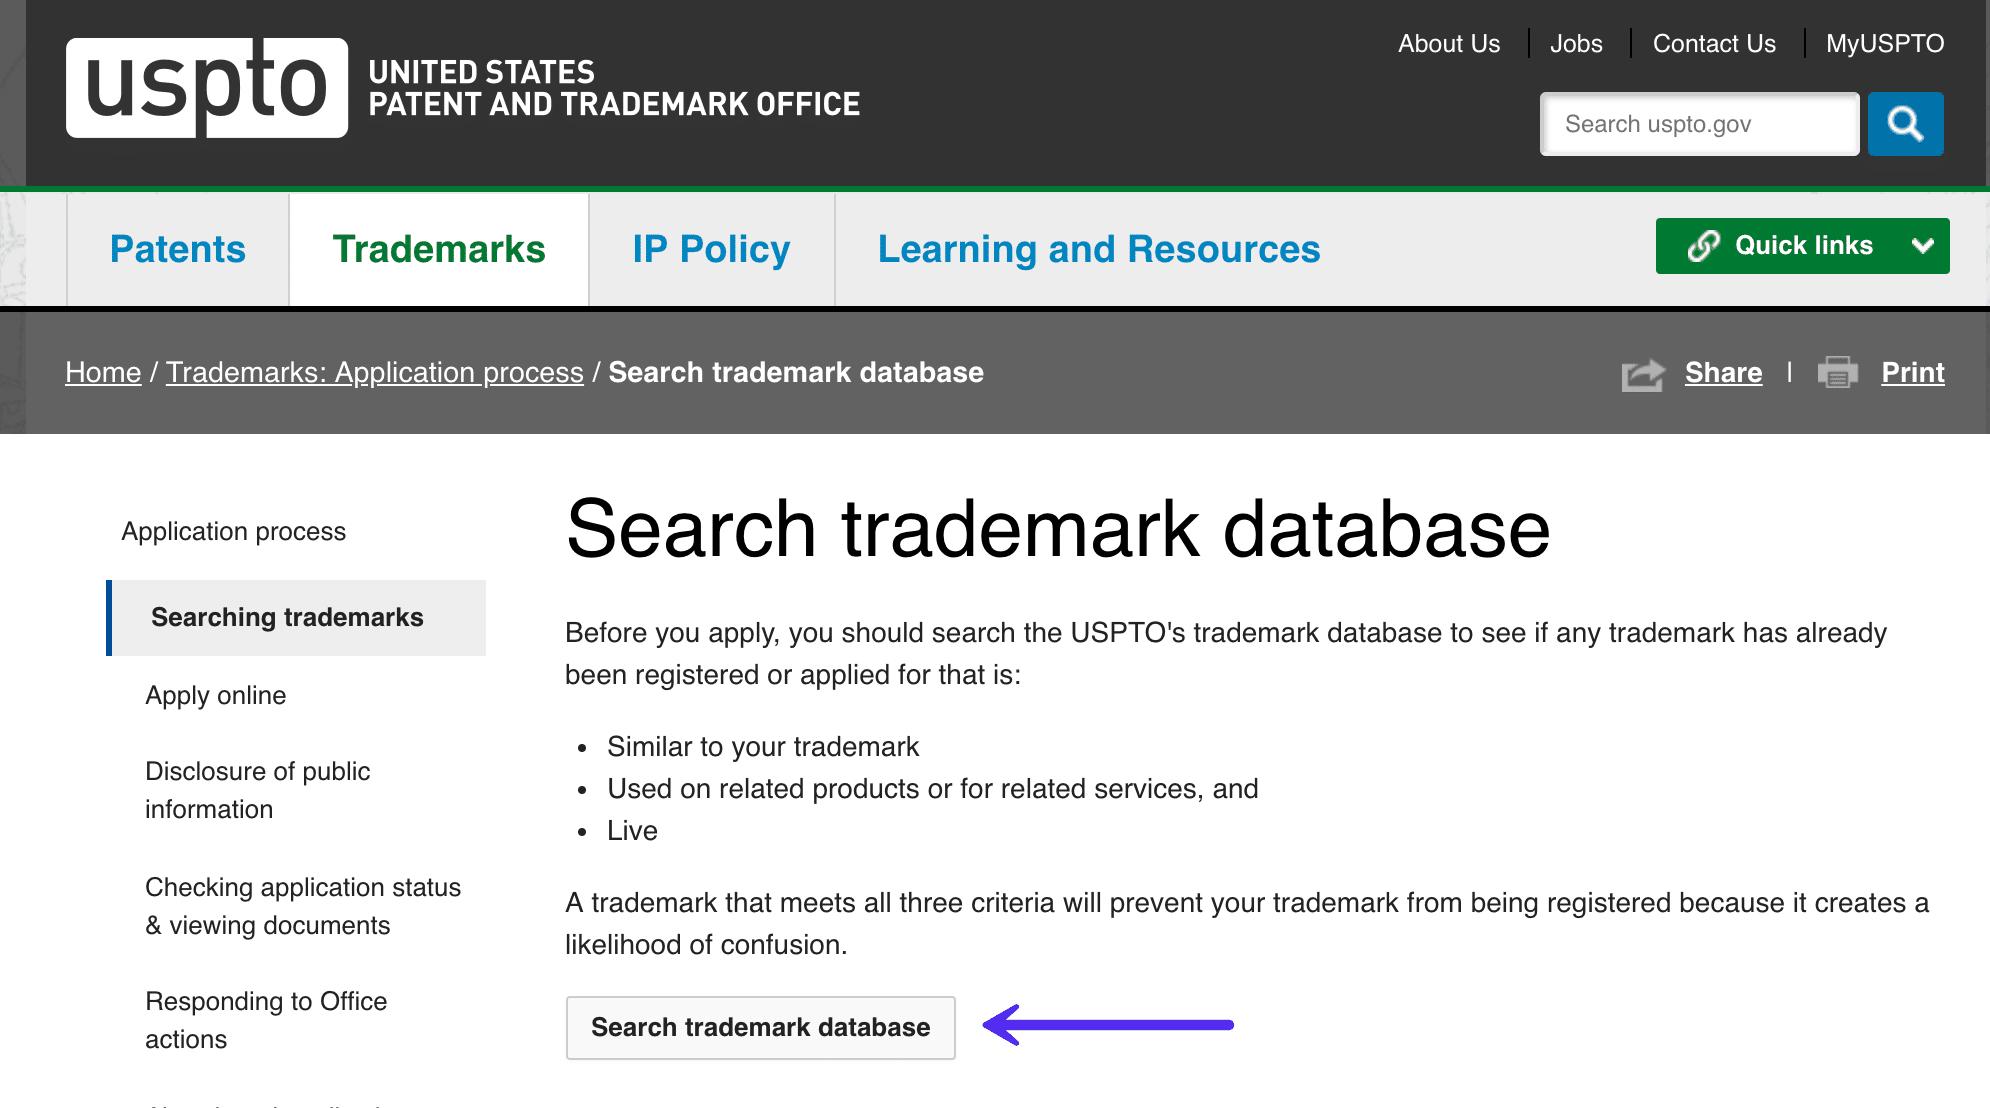 Recherche dans la base de données des marques